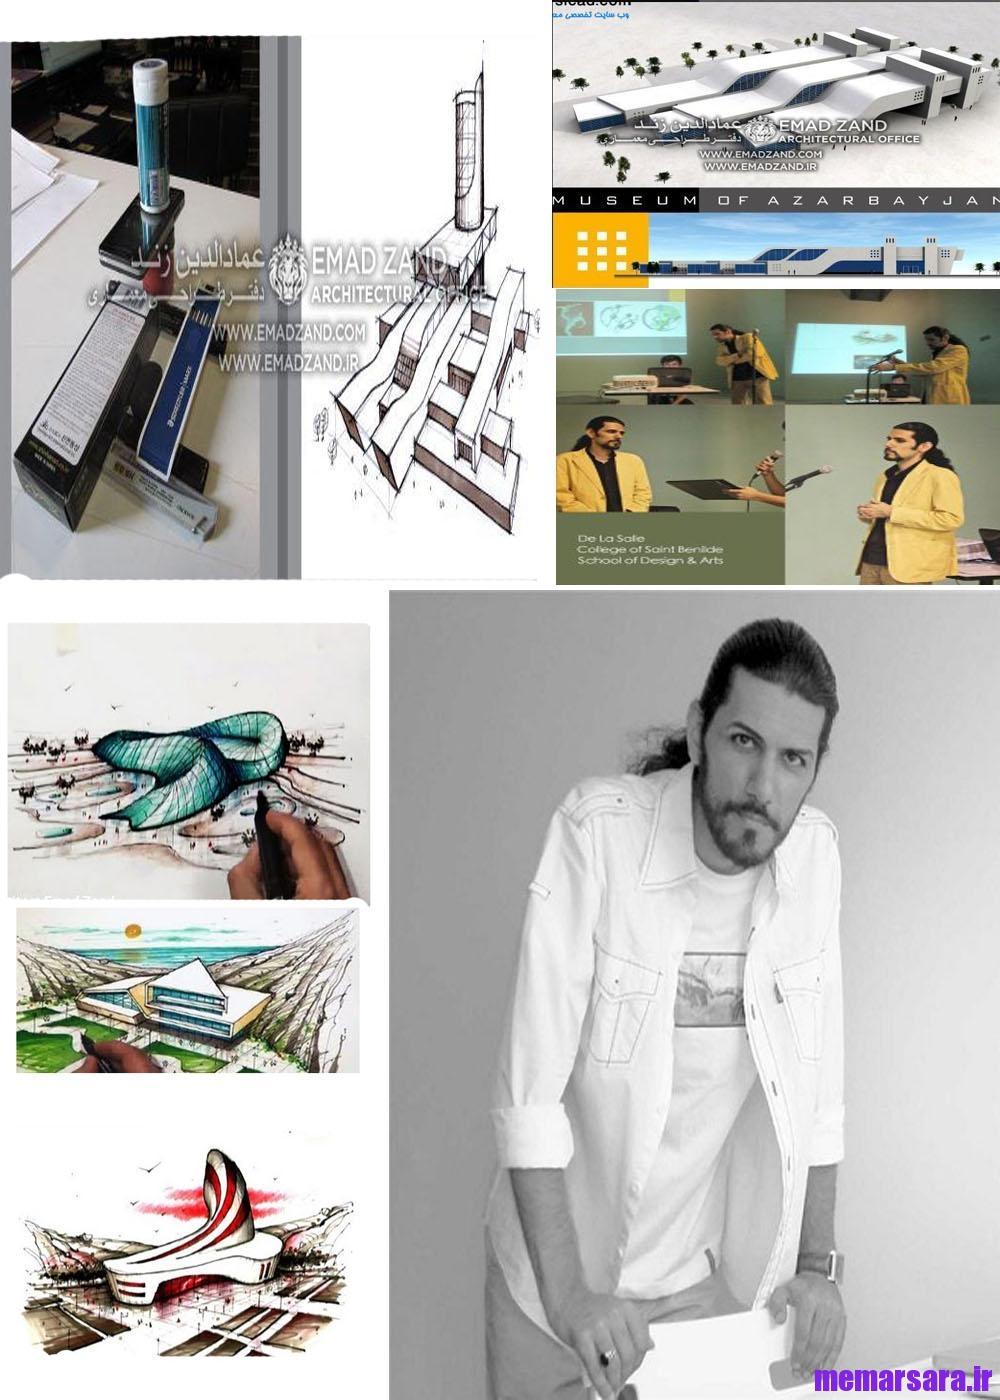 آموزش اسکیس خلاقیت در معماری ( عمادالدین زند )